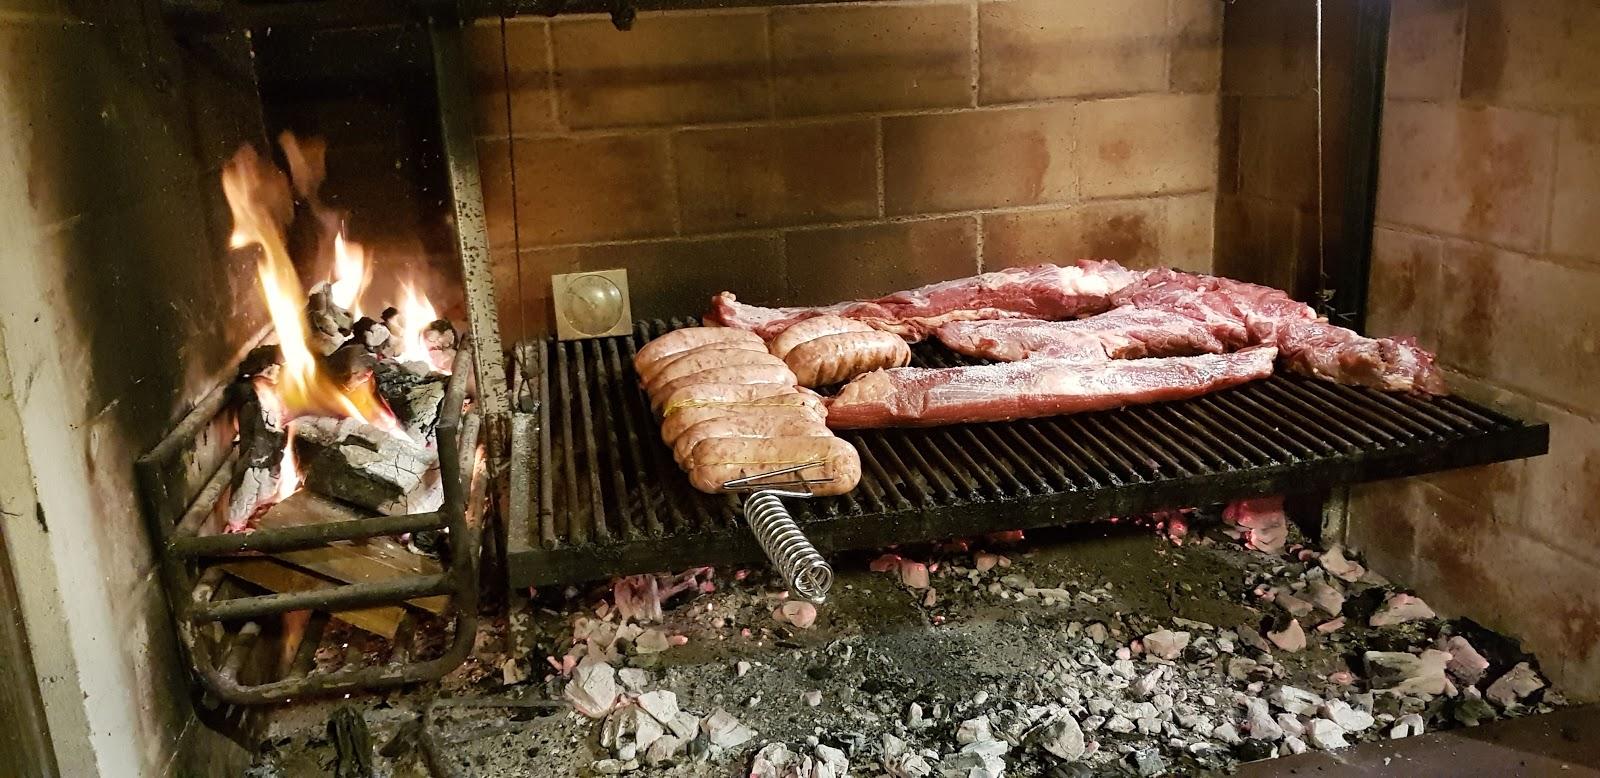 Argentinean asado